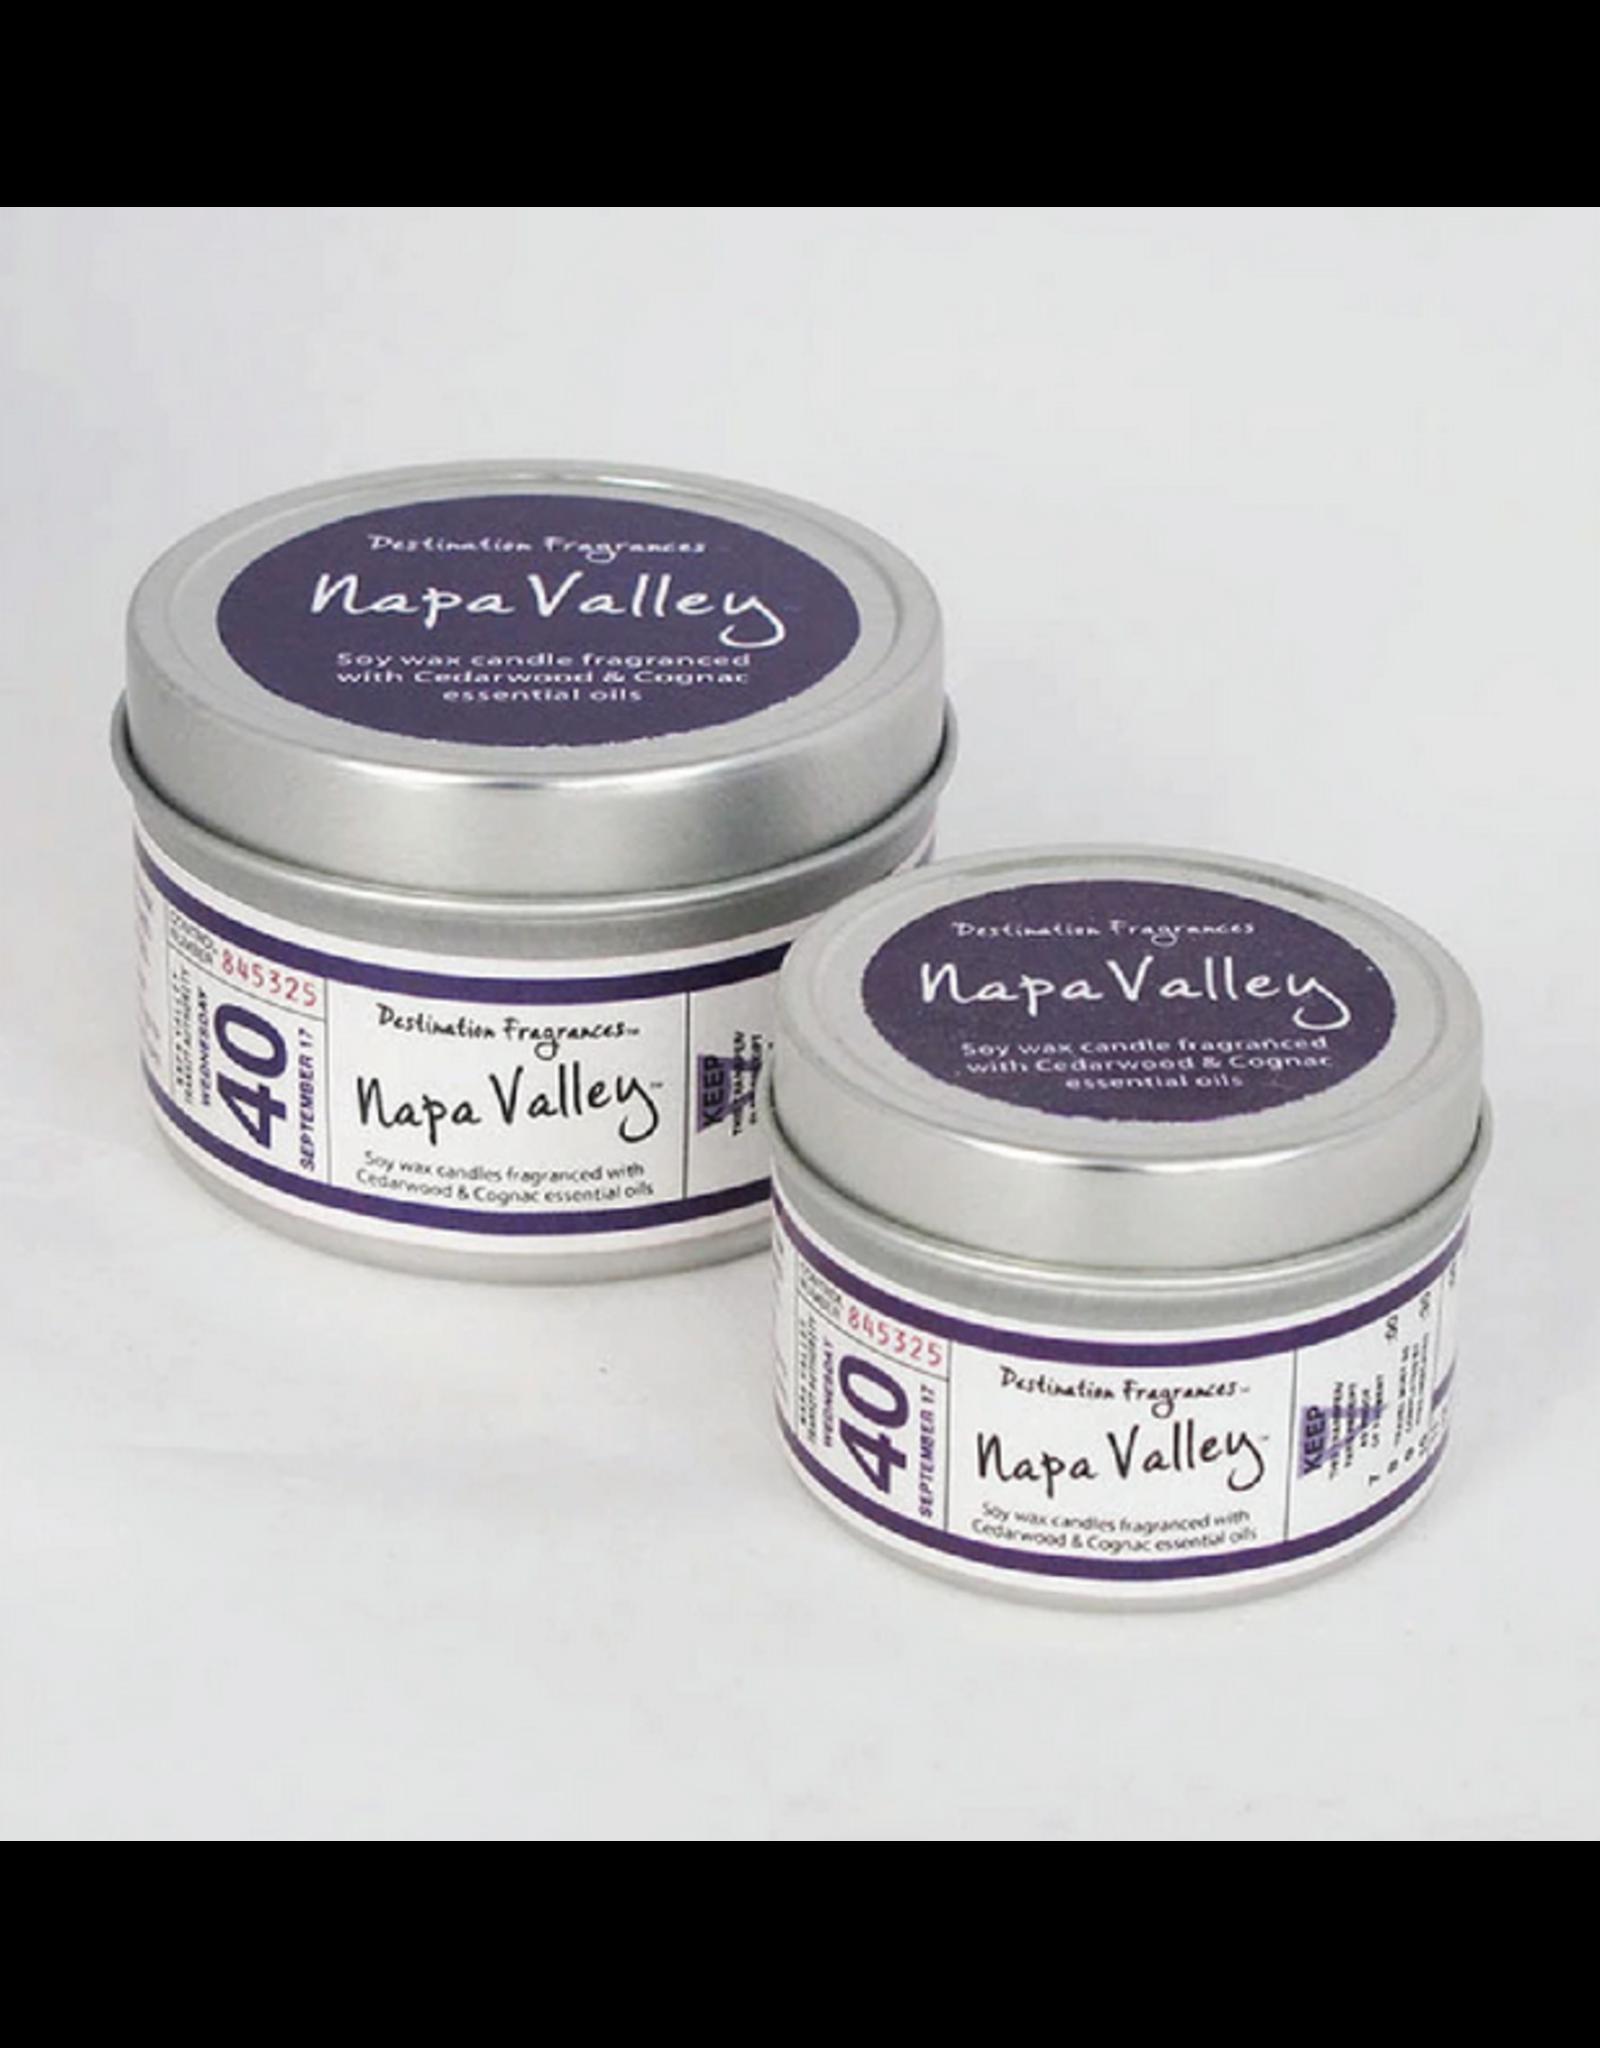 Destination Fragrances Napa Valley Candle - 4oz Tin